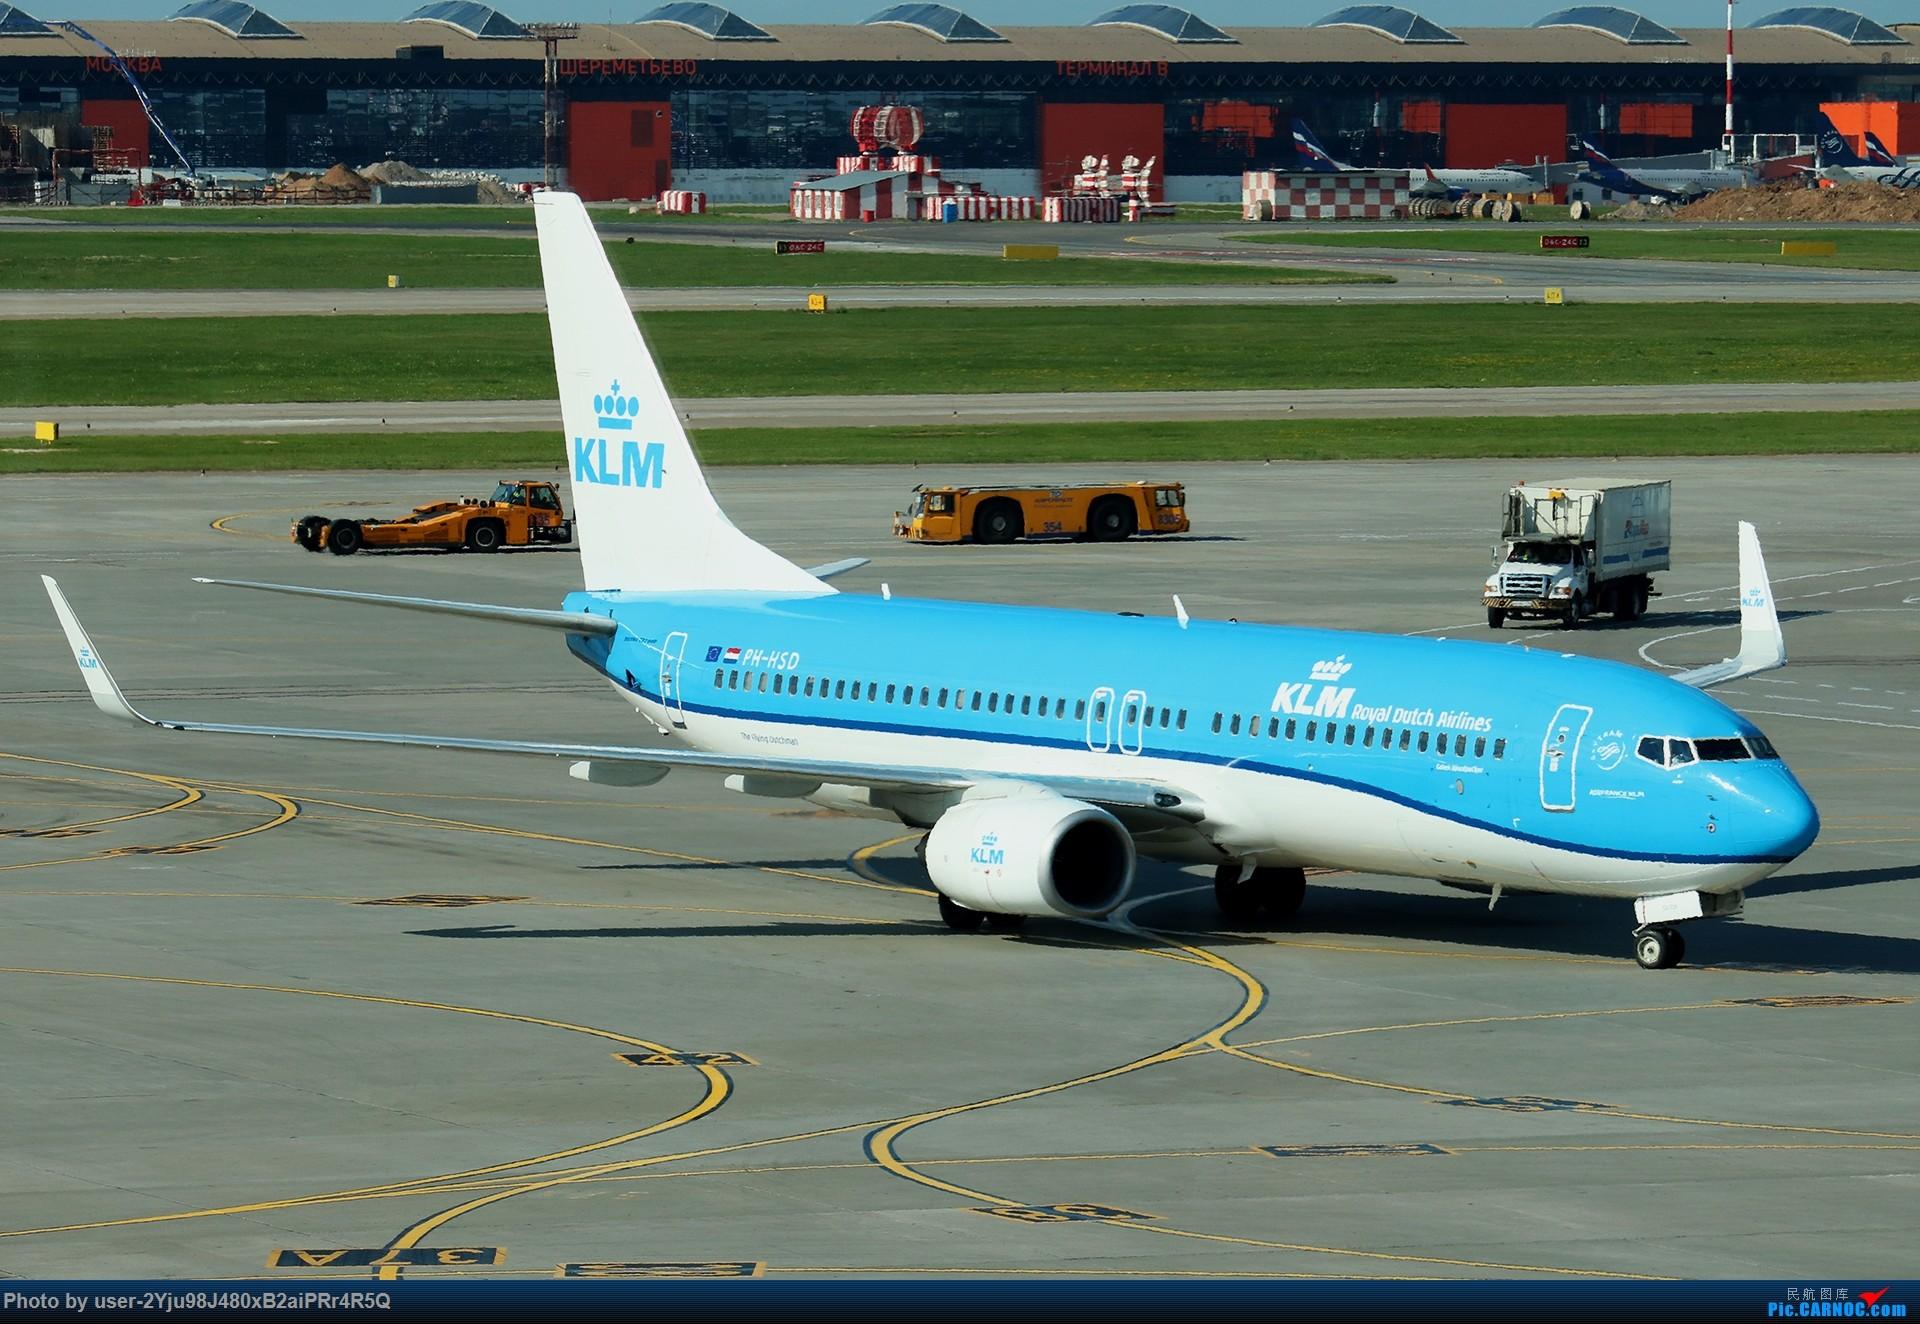 Re:[原创]LIULIU|Sheremetyevo的漫游|其他篇 BOEING 737-8K2 PH-HSD 俄罗斯谢诺梅杰沃机场